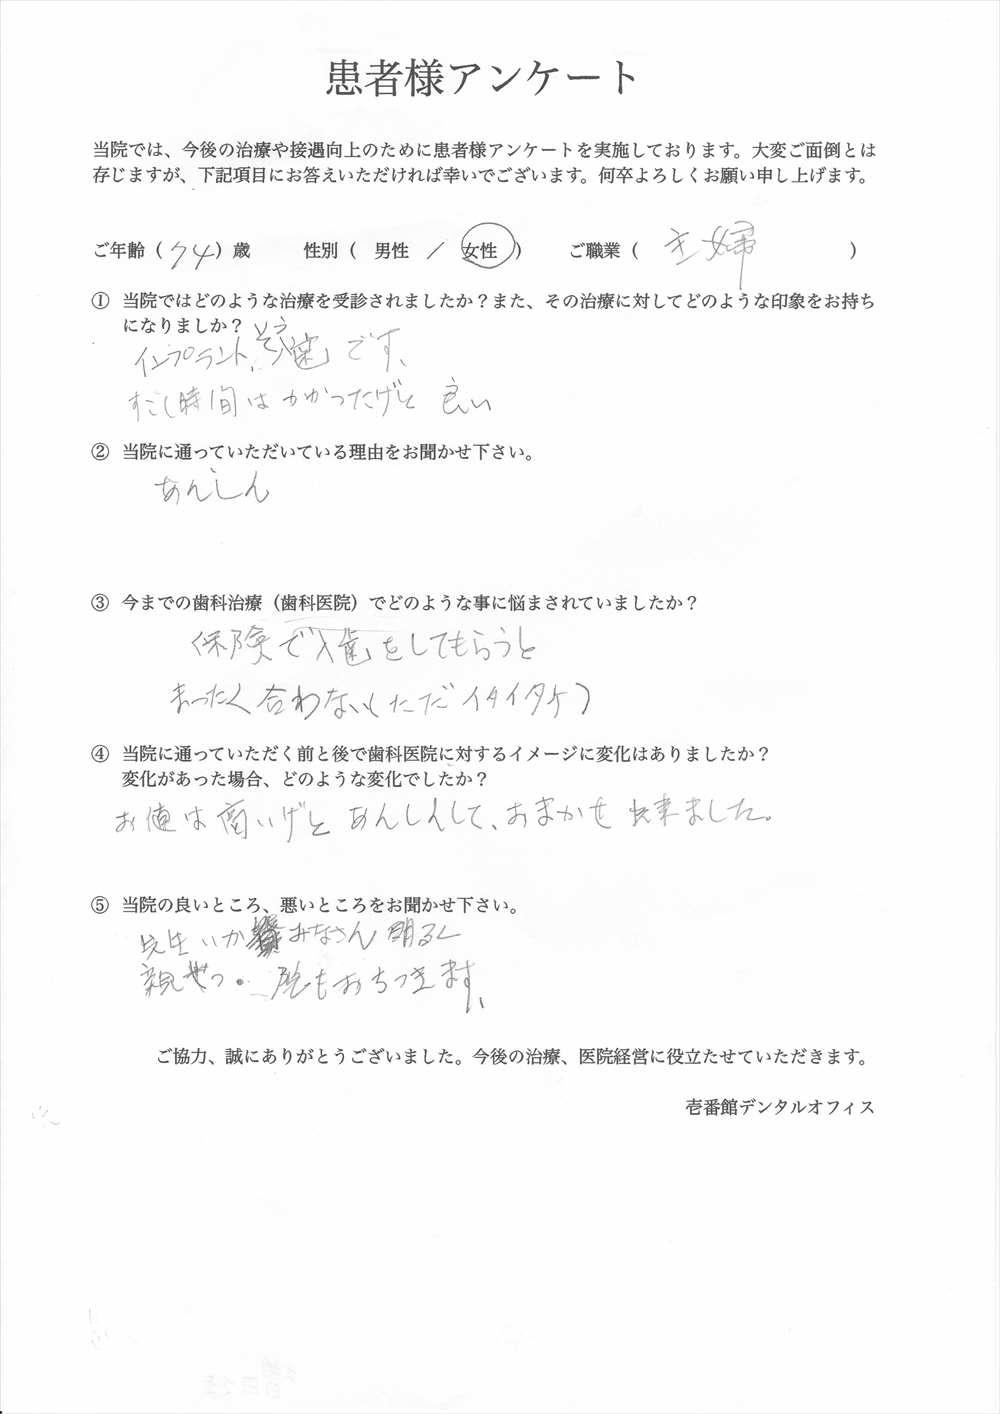 壱番館デンタルオフィス口コミ評判アンケート1